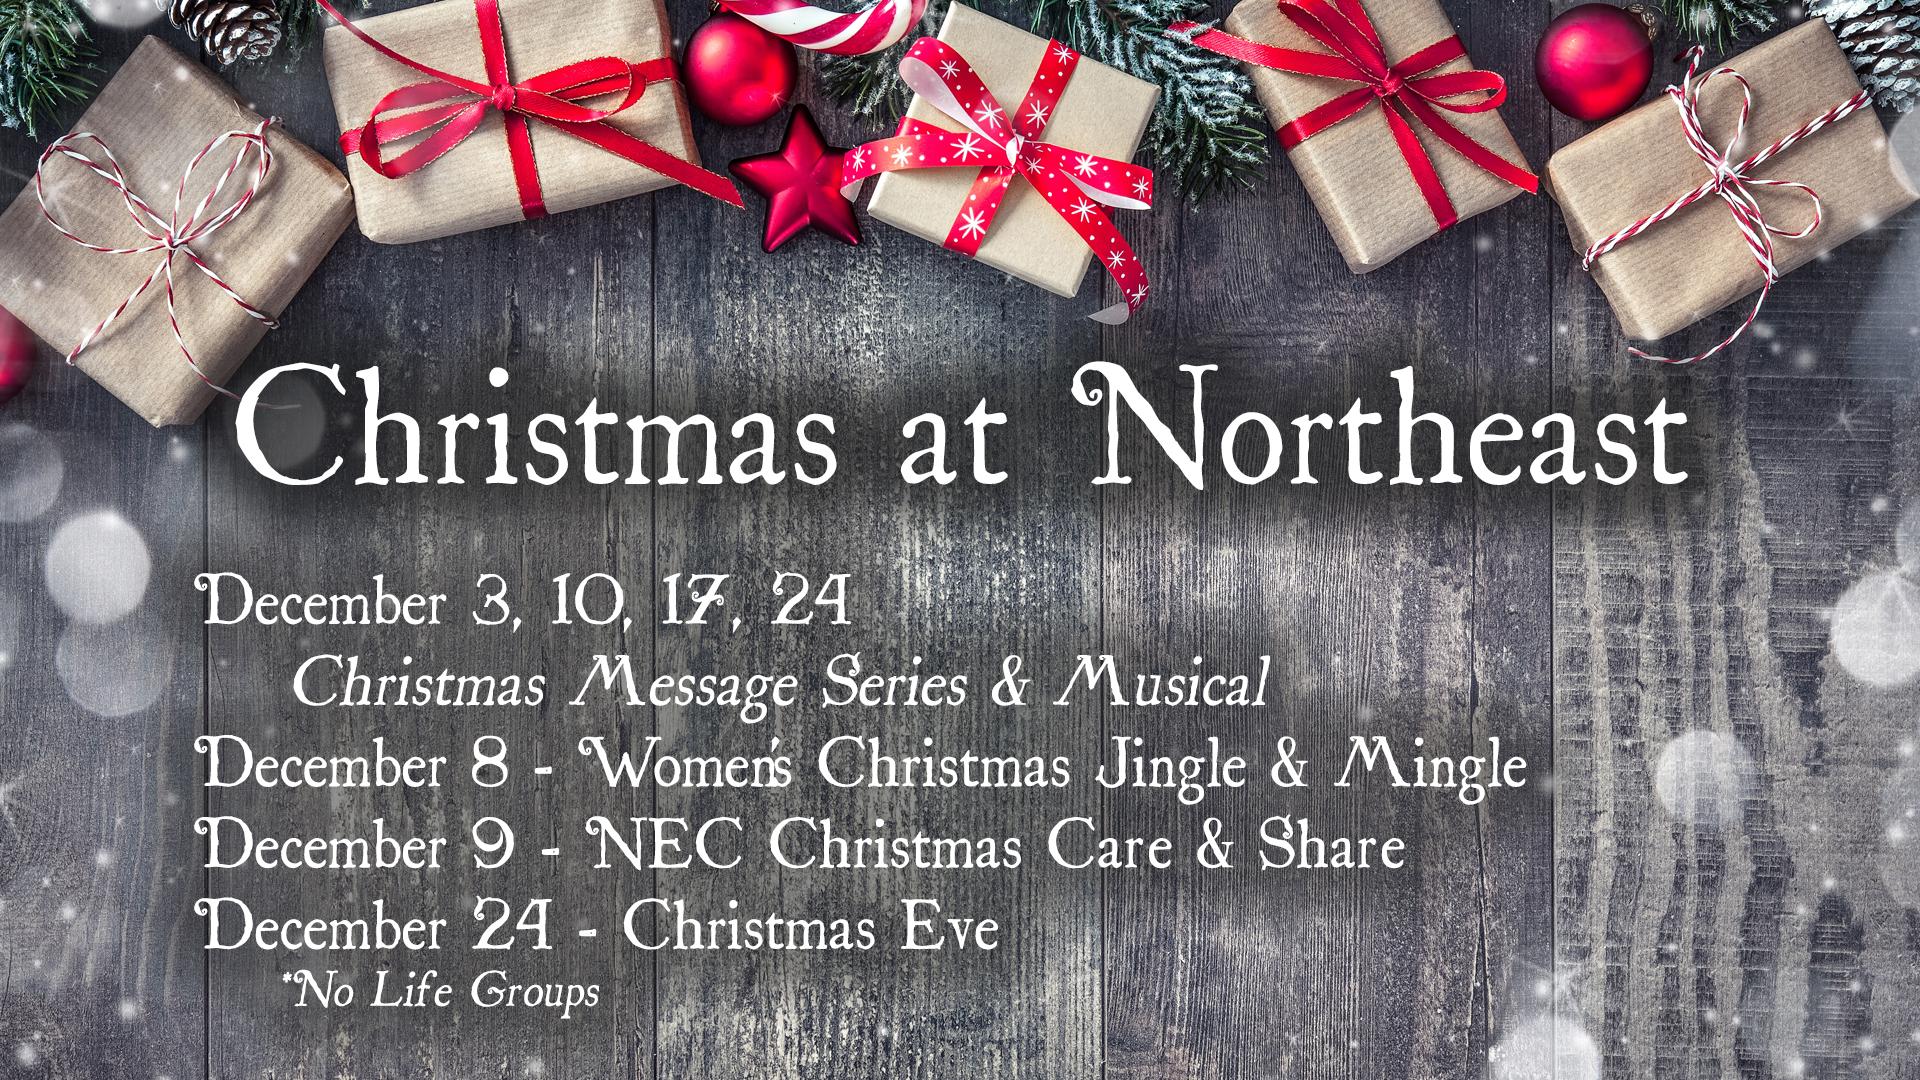 Christmas at Northeast